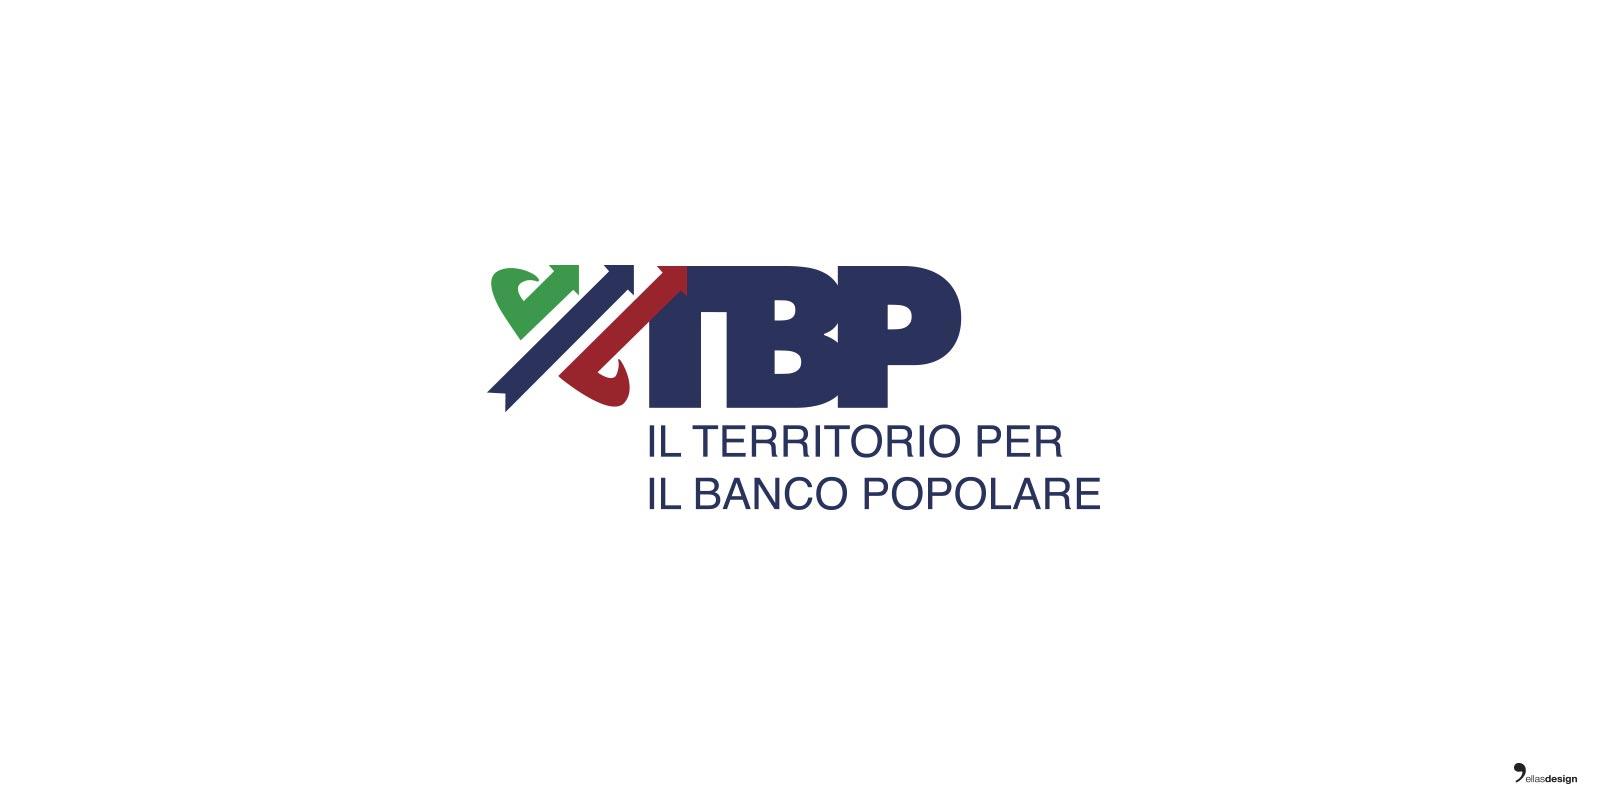 TBP – Territorio per il banco popolare